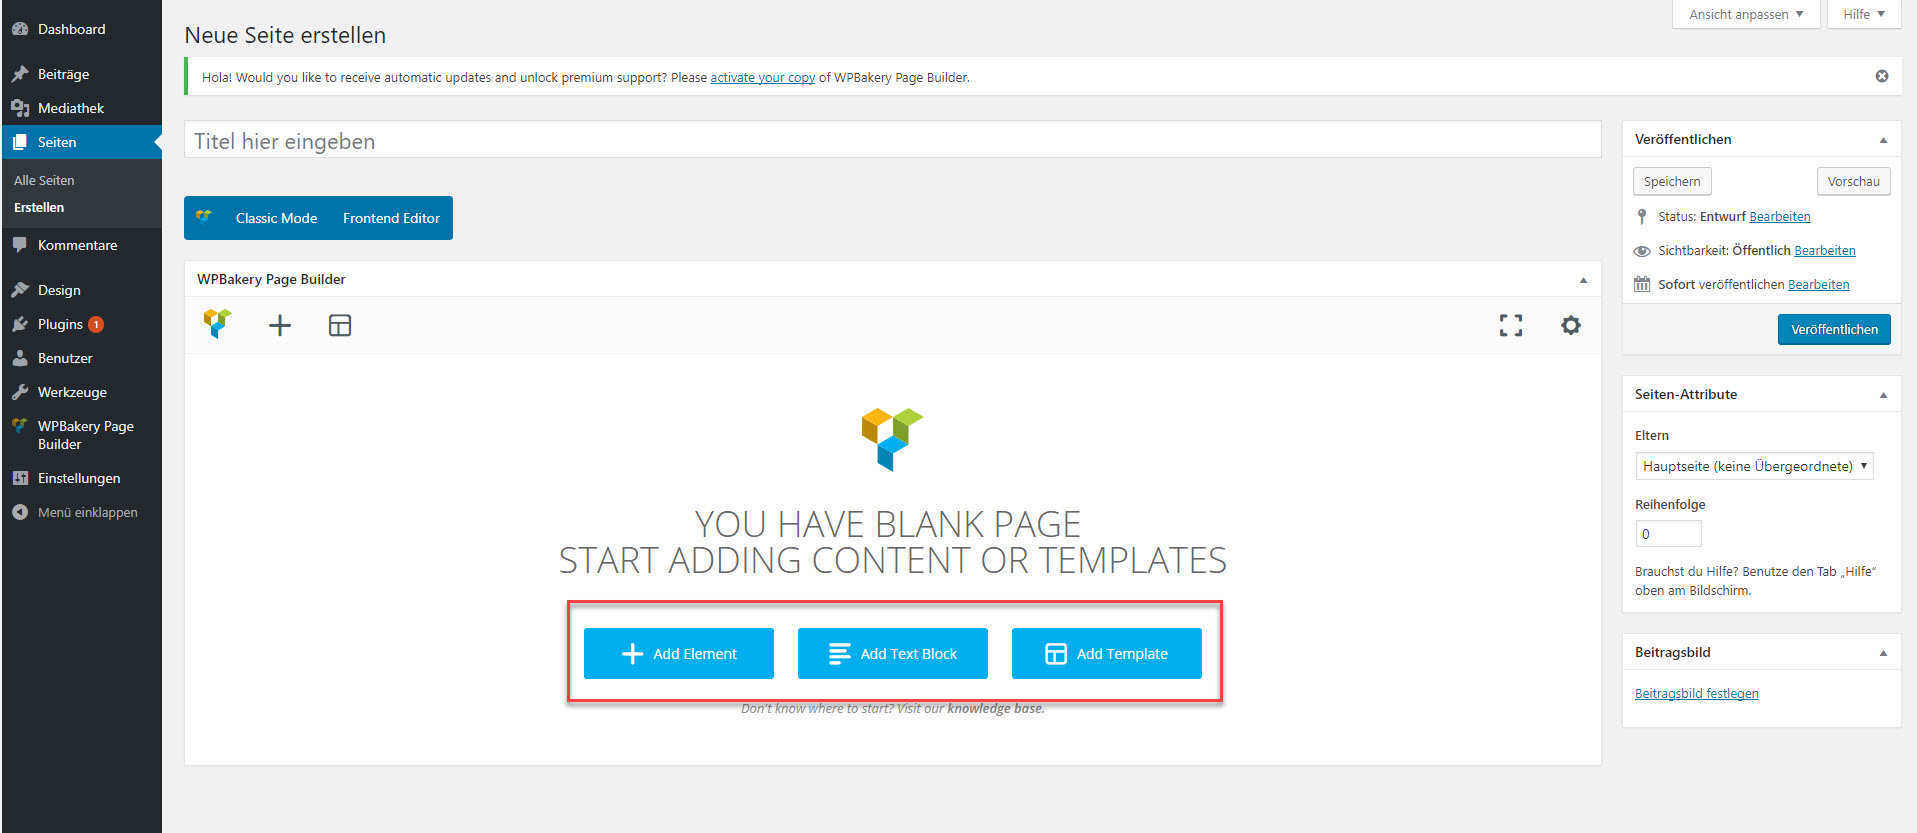 Erste Schritte beim erstellen einer Seite mit dem VC.